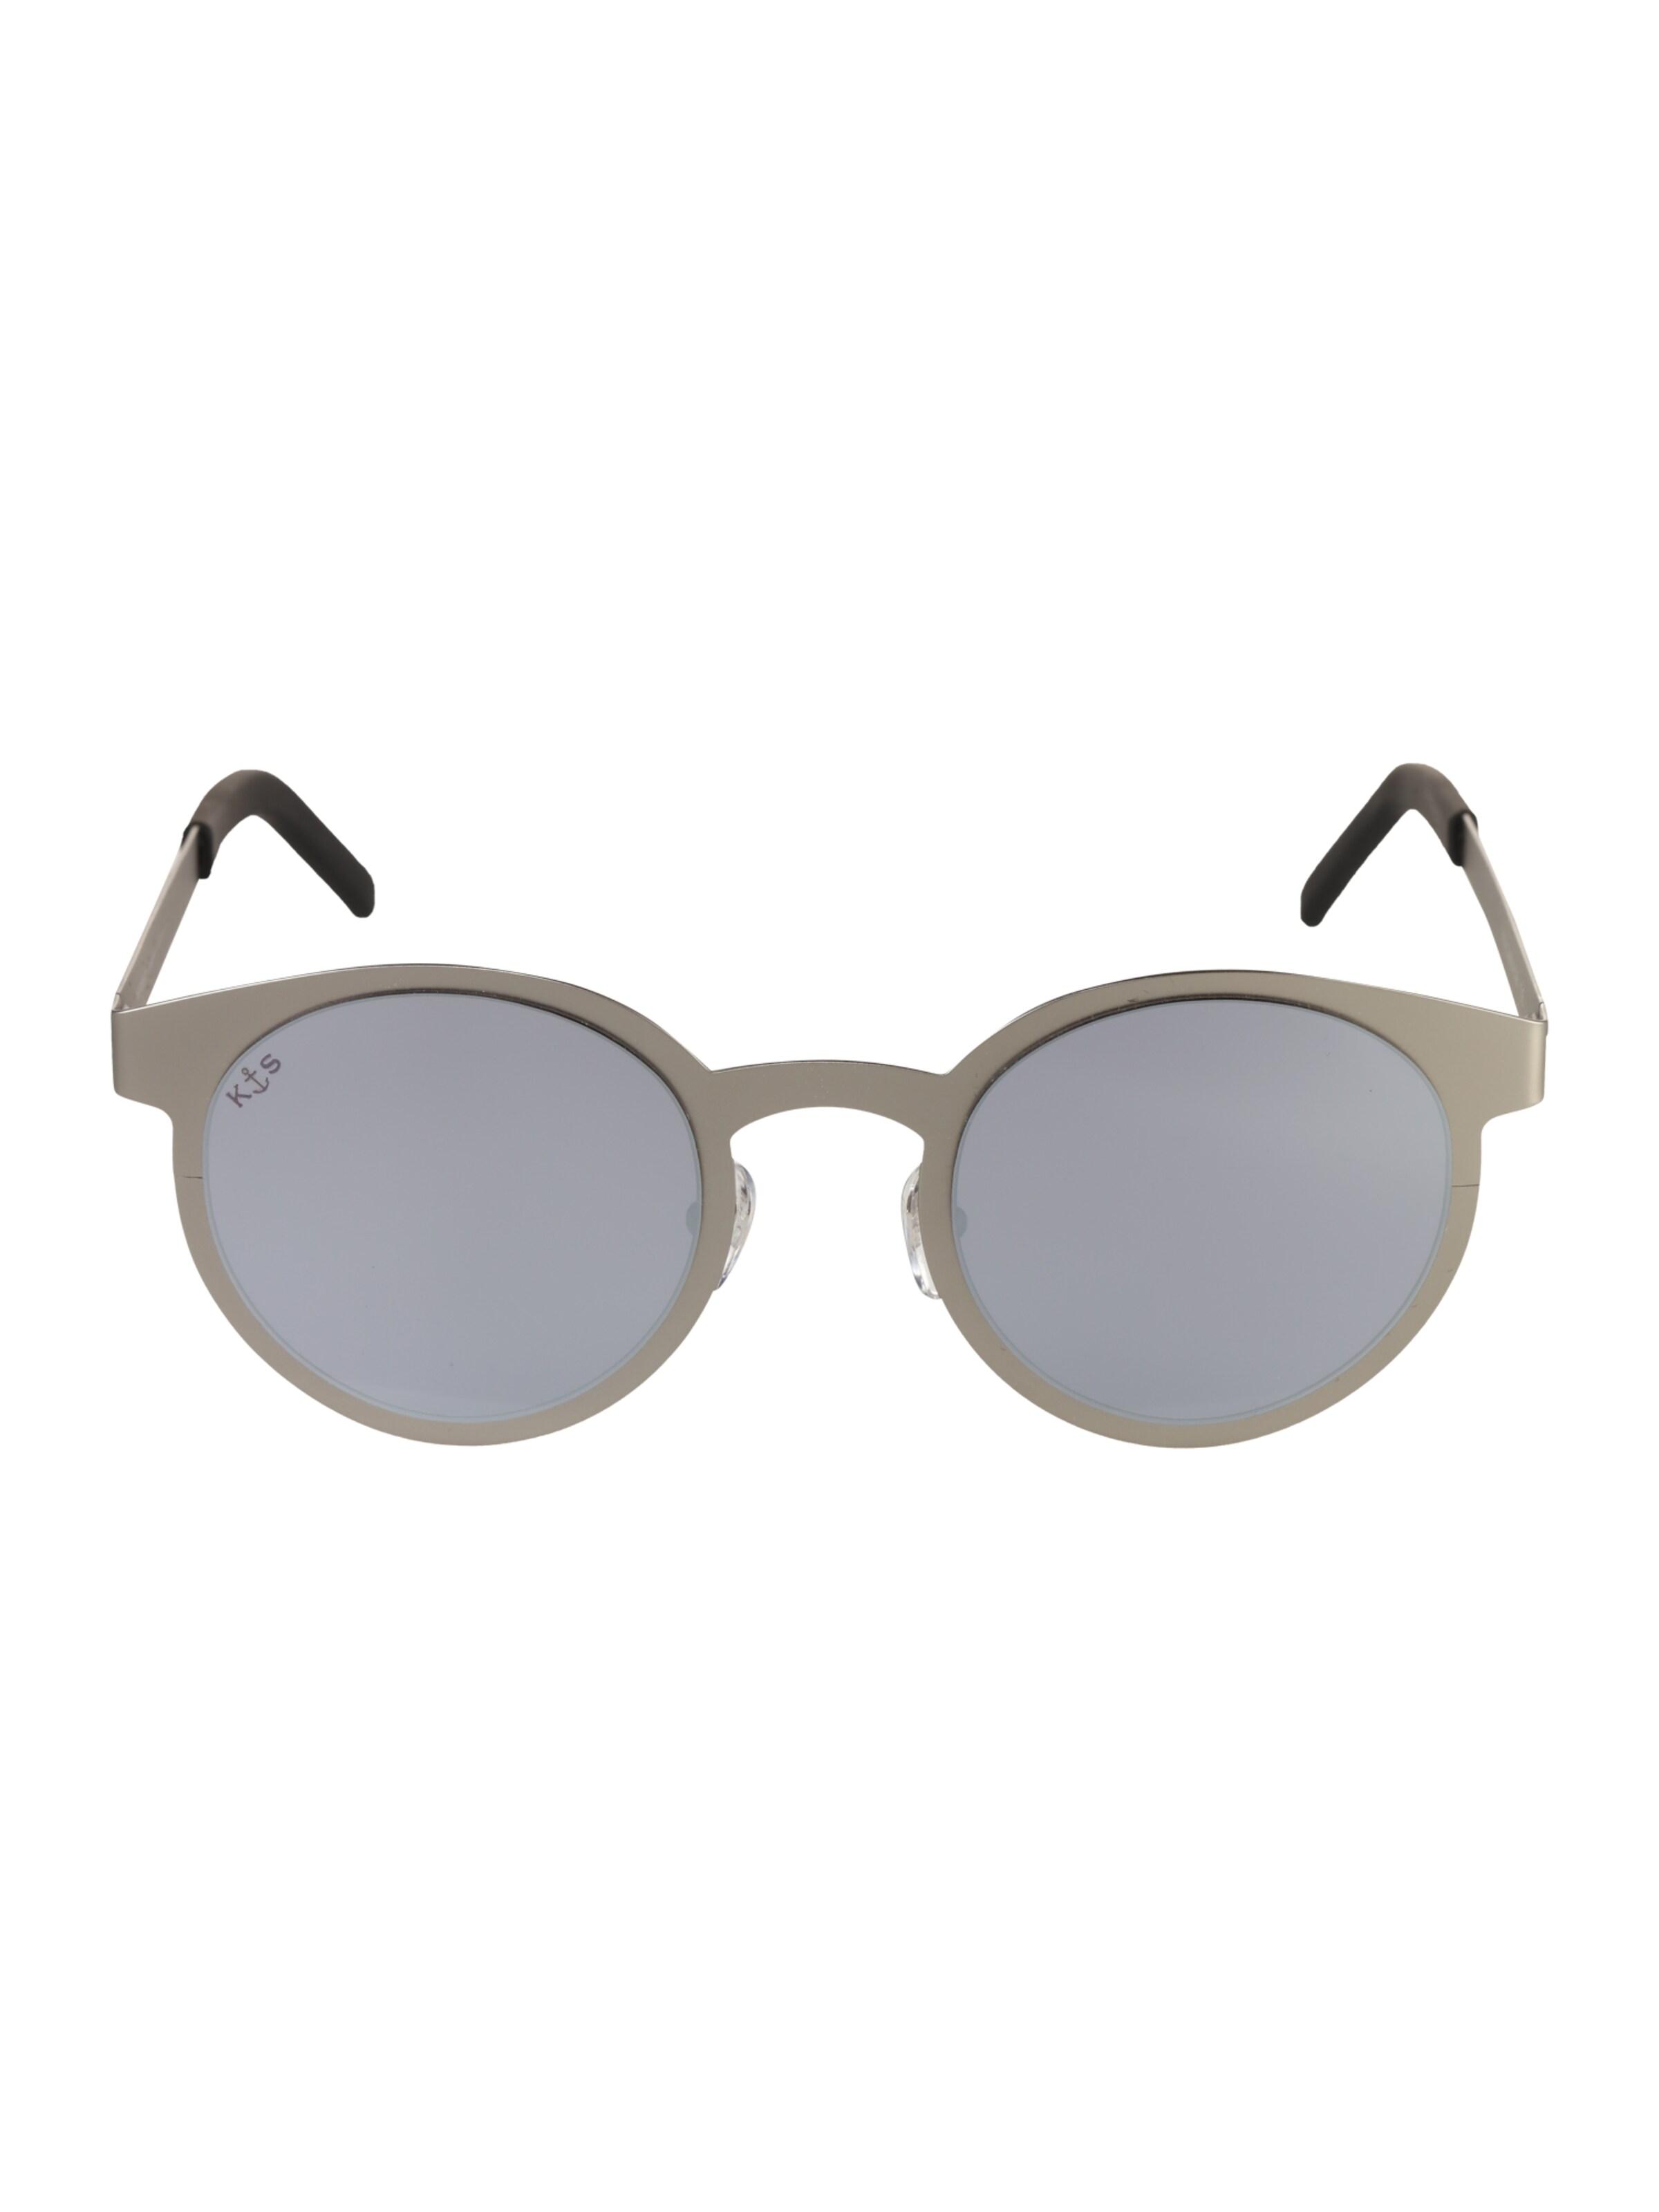 Outlet Shop Angebot Kapten & Son Sonnenbrille 'Hamburg' Großer Verkauf Zum Verkauf Günstig Kaufen Verkauf Steckdose Erkunden bvccxr